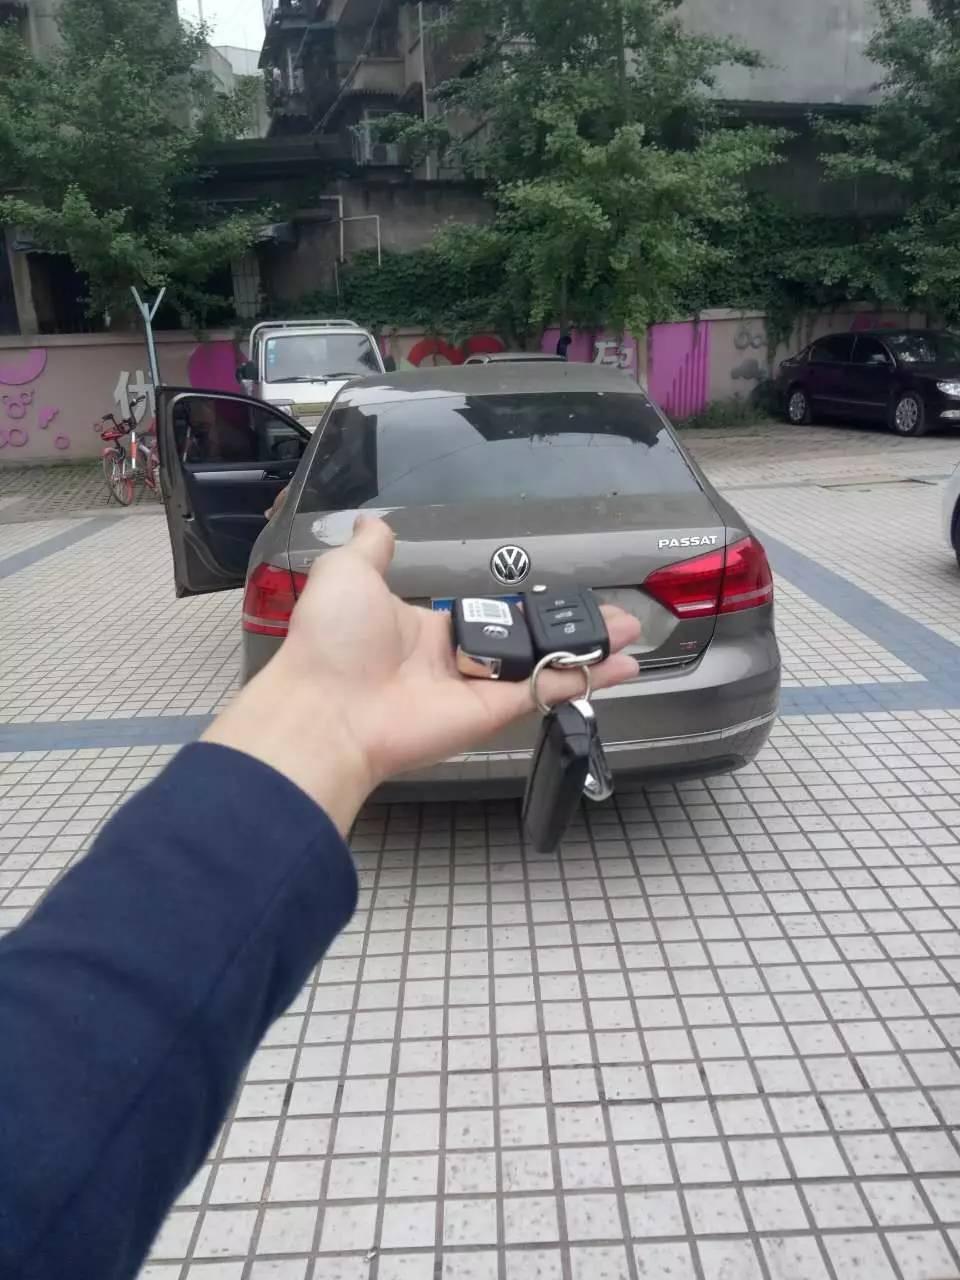 峨眉山市邓氏锁业专业开锁 配汽车钥匙 24小时服务